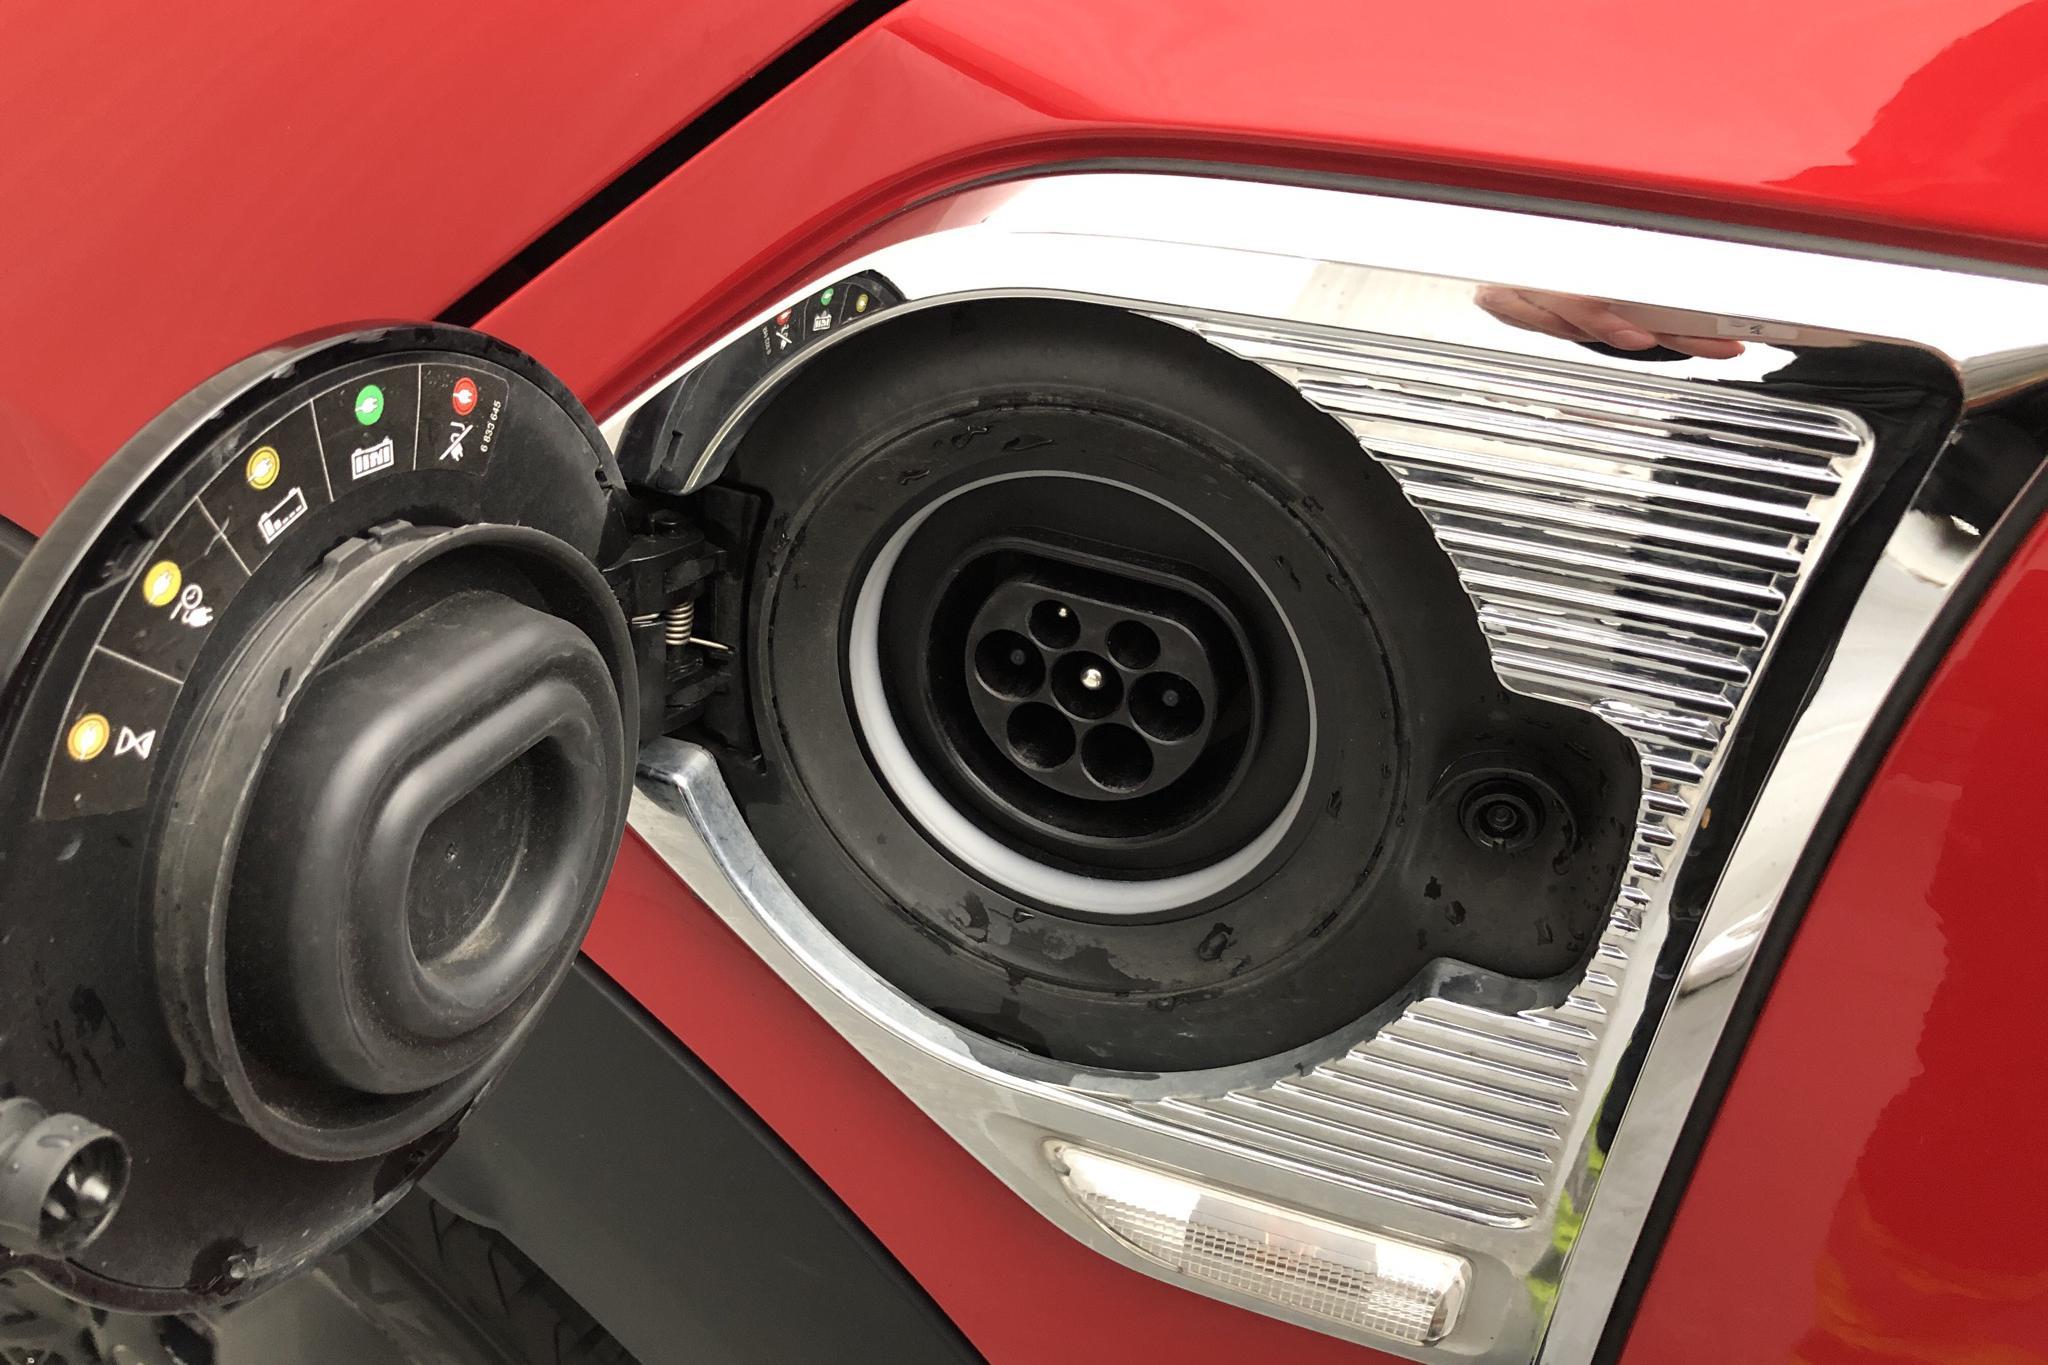 MINI Cooper S E ALL4 Countryman, F60 (224hk) - 59 960 km - Automatic - red - 2018